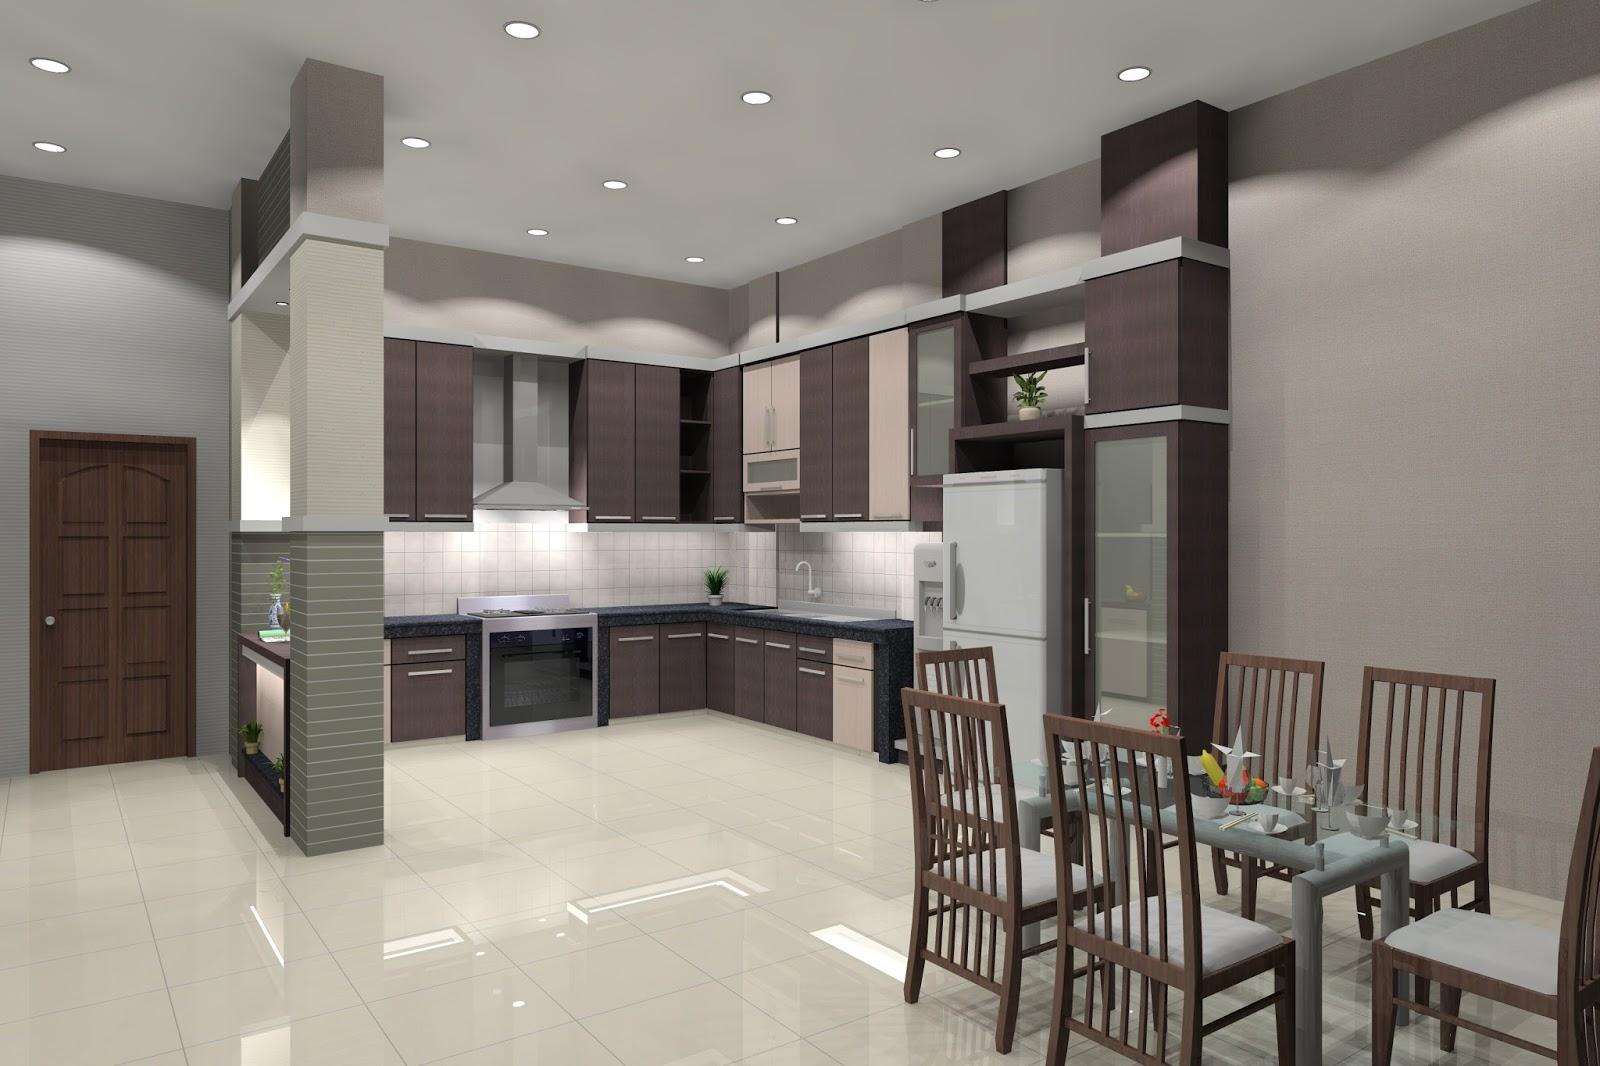 Gambar Interior Rumah Minimalis Sederhana Elegan Dan Berkelas & Desain Interior Rumah Yang Elegan \u0026 Teras Rumah Minimalis